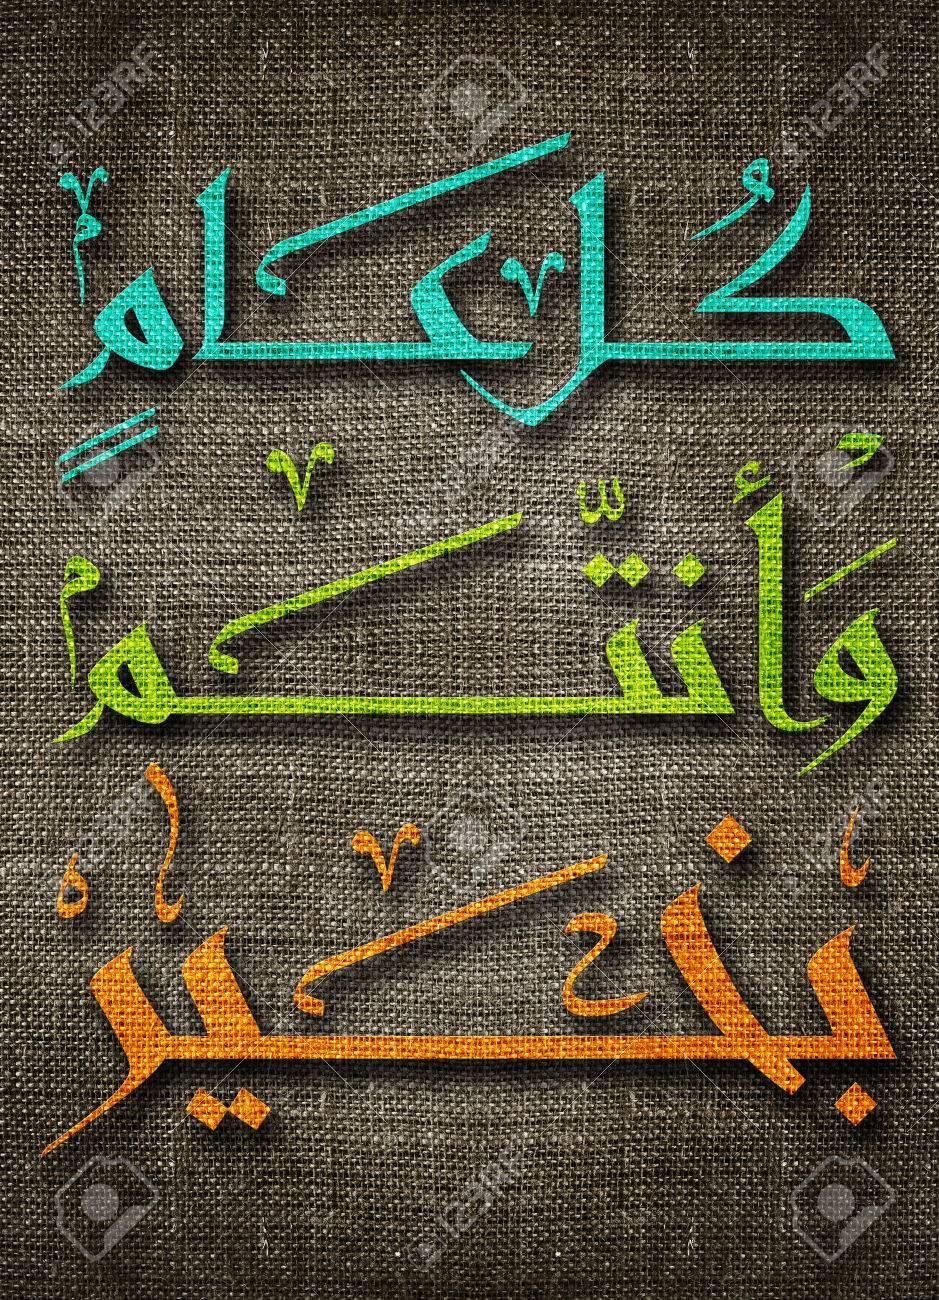 Der Heilige Monat Der Moslemischen Gemeinschaft Fest Ramadan Kareem ...